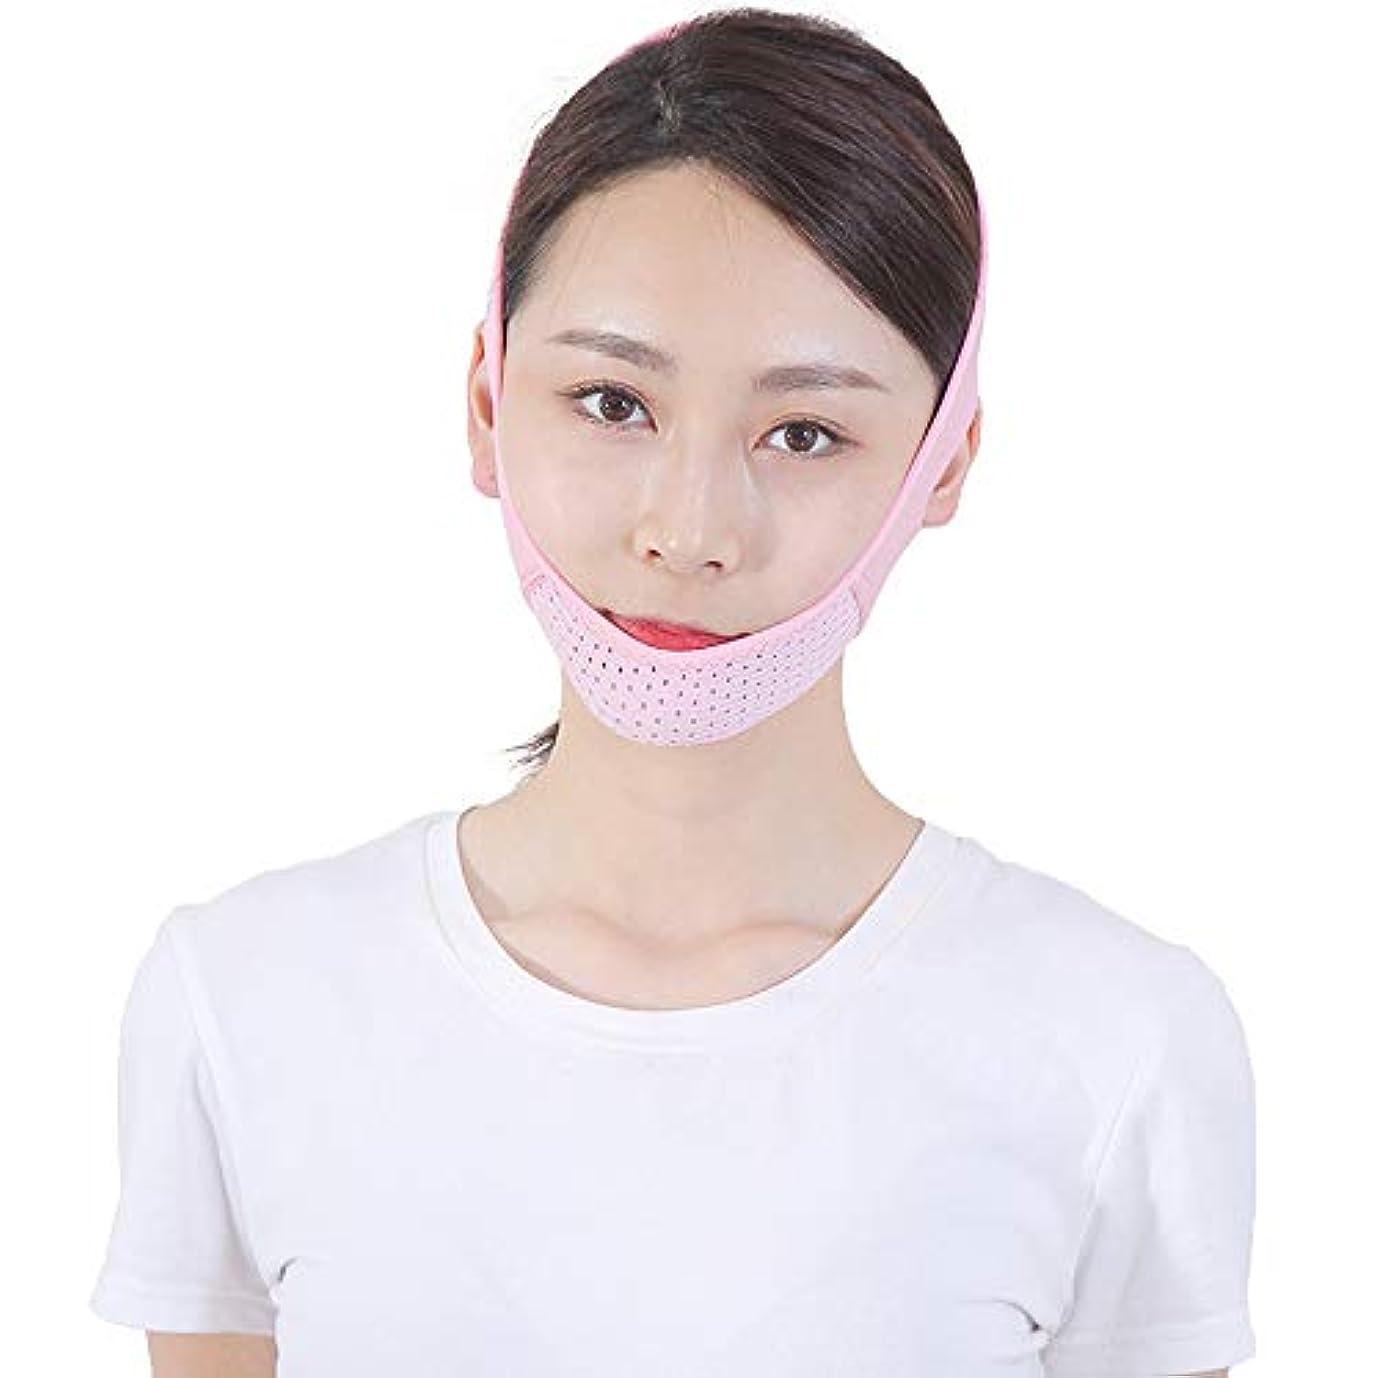 ペインギリック試してみる急速なJia Jia- フェイシャルリフティング痩身ベルトフェイススリムゲットダブルチンアンチエイジングリンクルフェイスバンデージマスクシェイピングマスク顔を引き締めるダブルチンワークアウト 顔面包帯